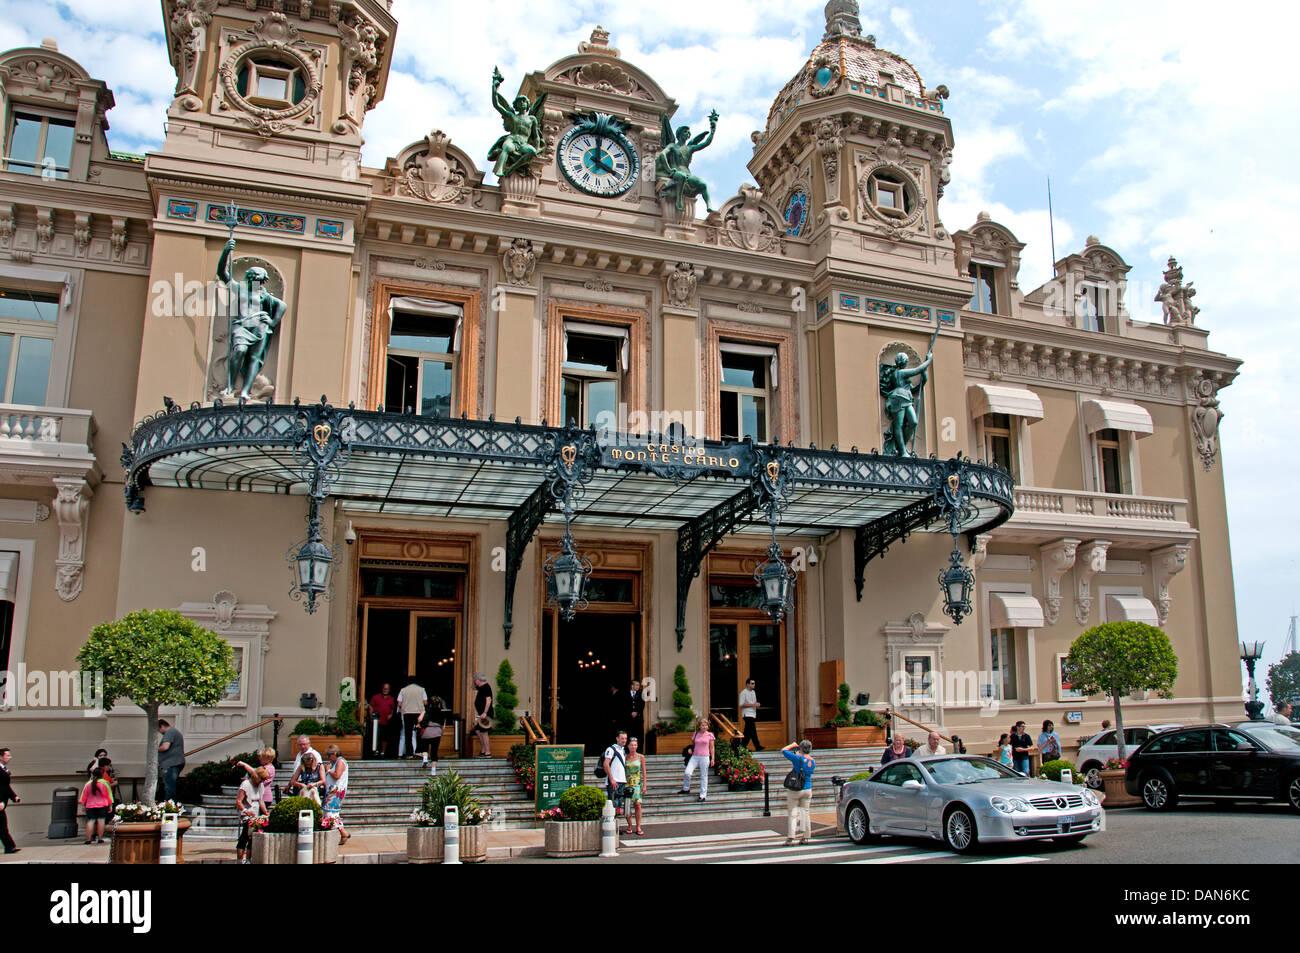 The grand casino monte carlo casino internet link xoomer.alice.it